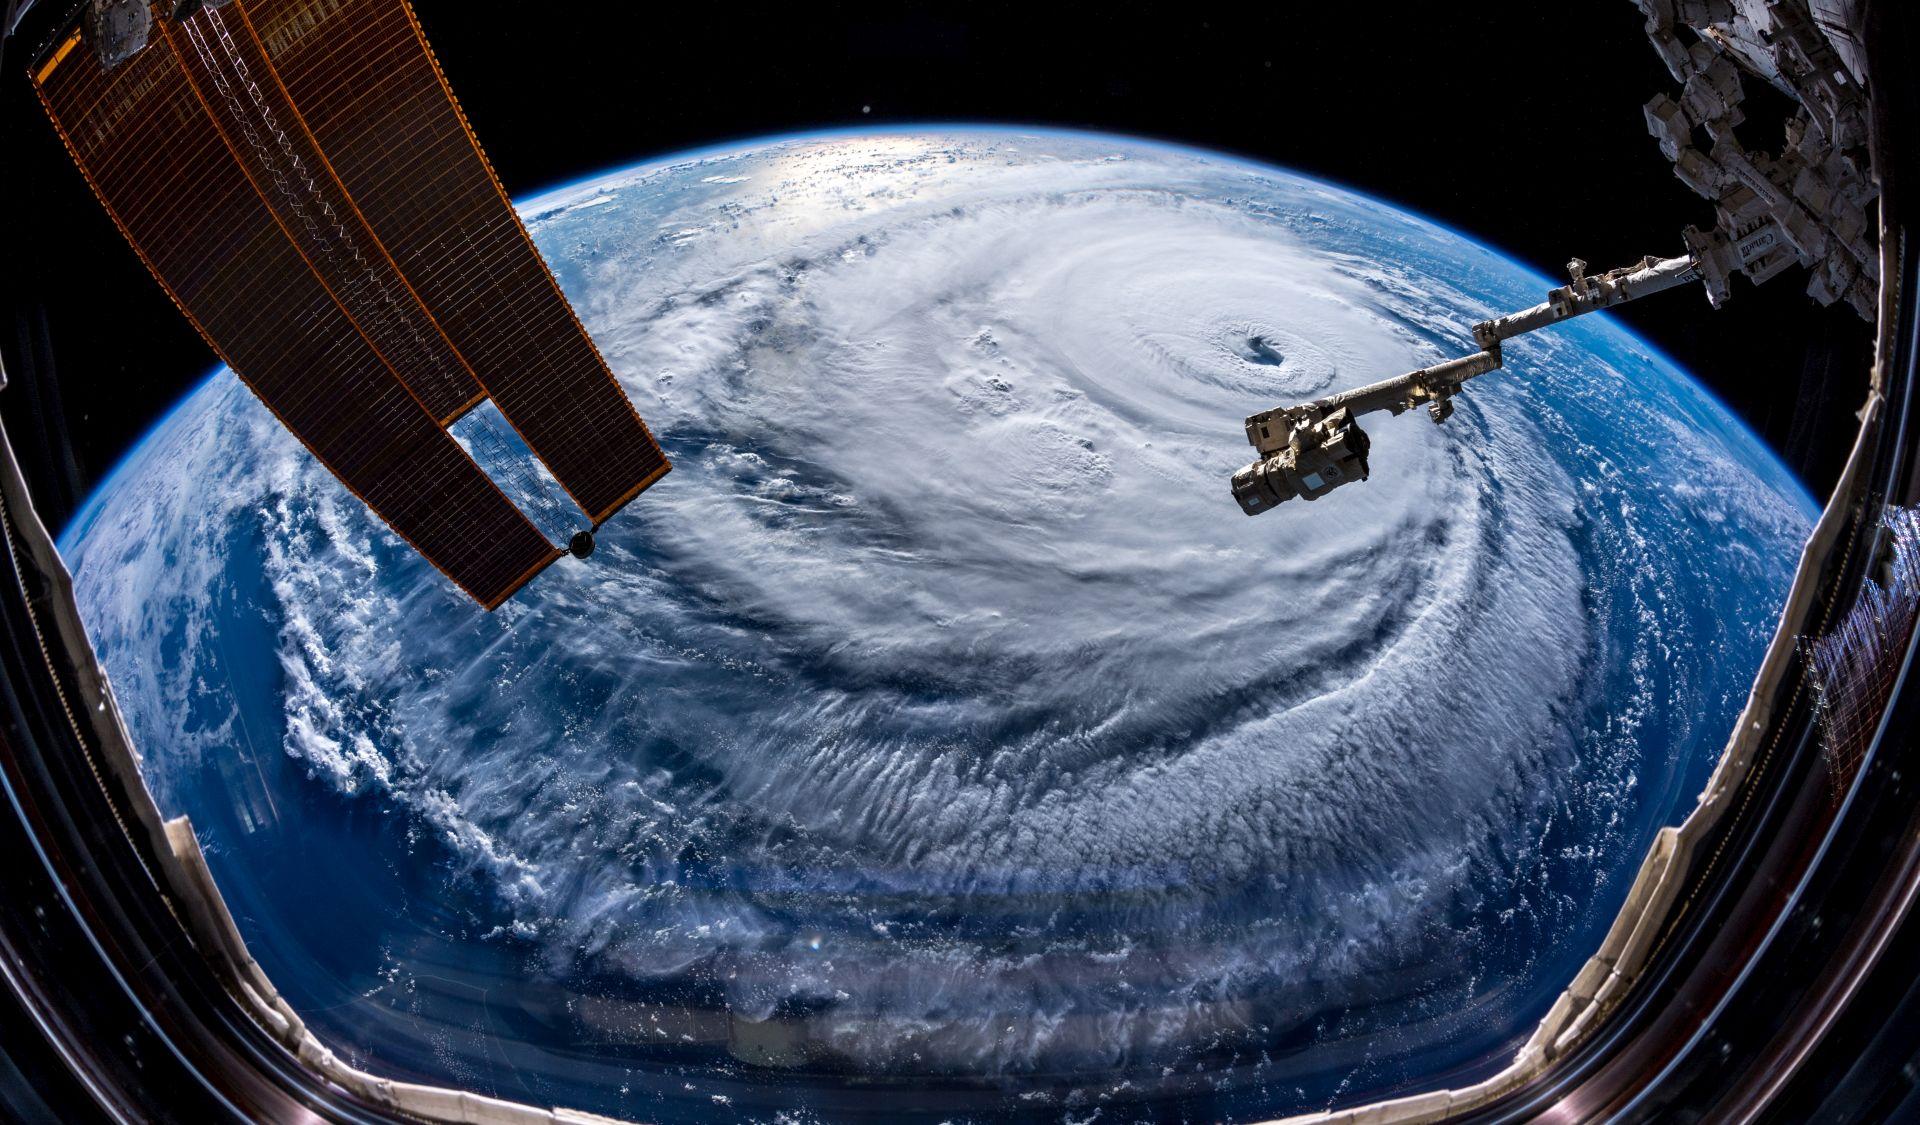 Uragan Florence oslabio, Karolinama haraju vjetrovi i poplave